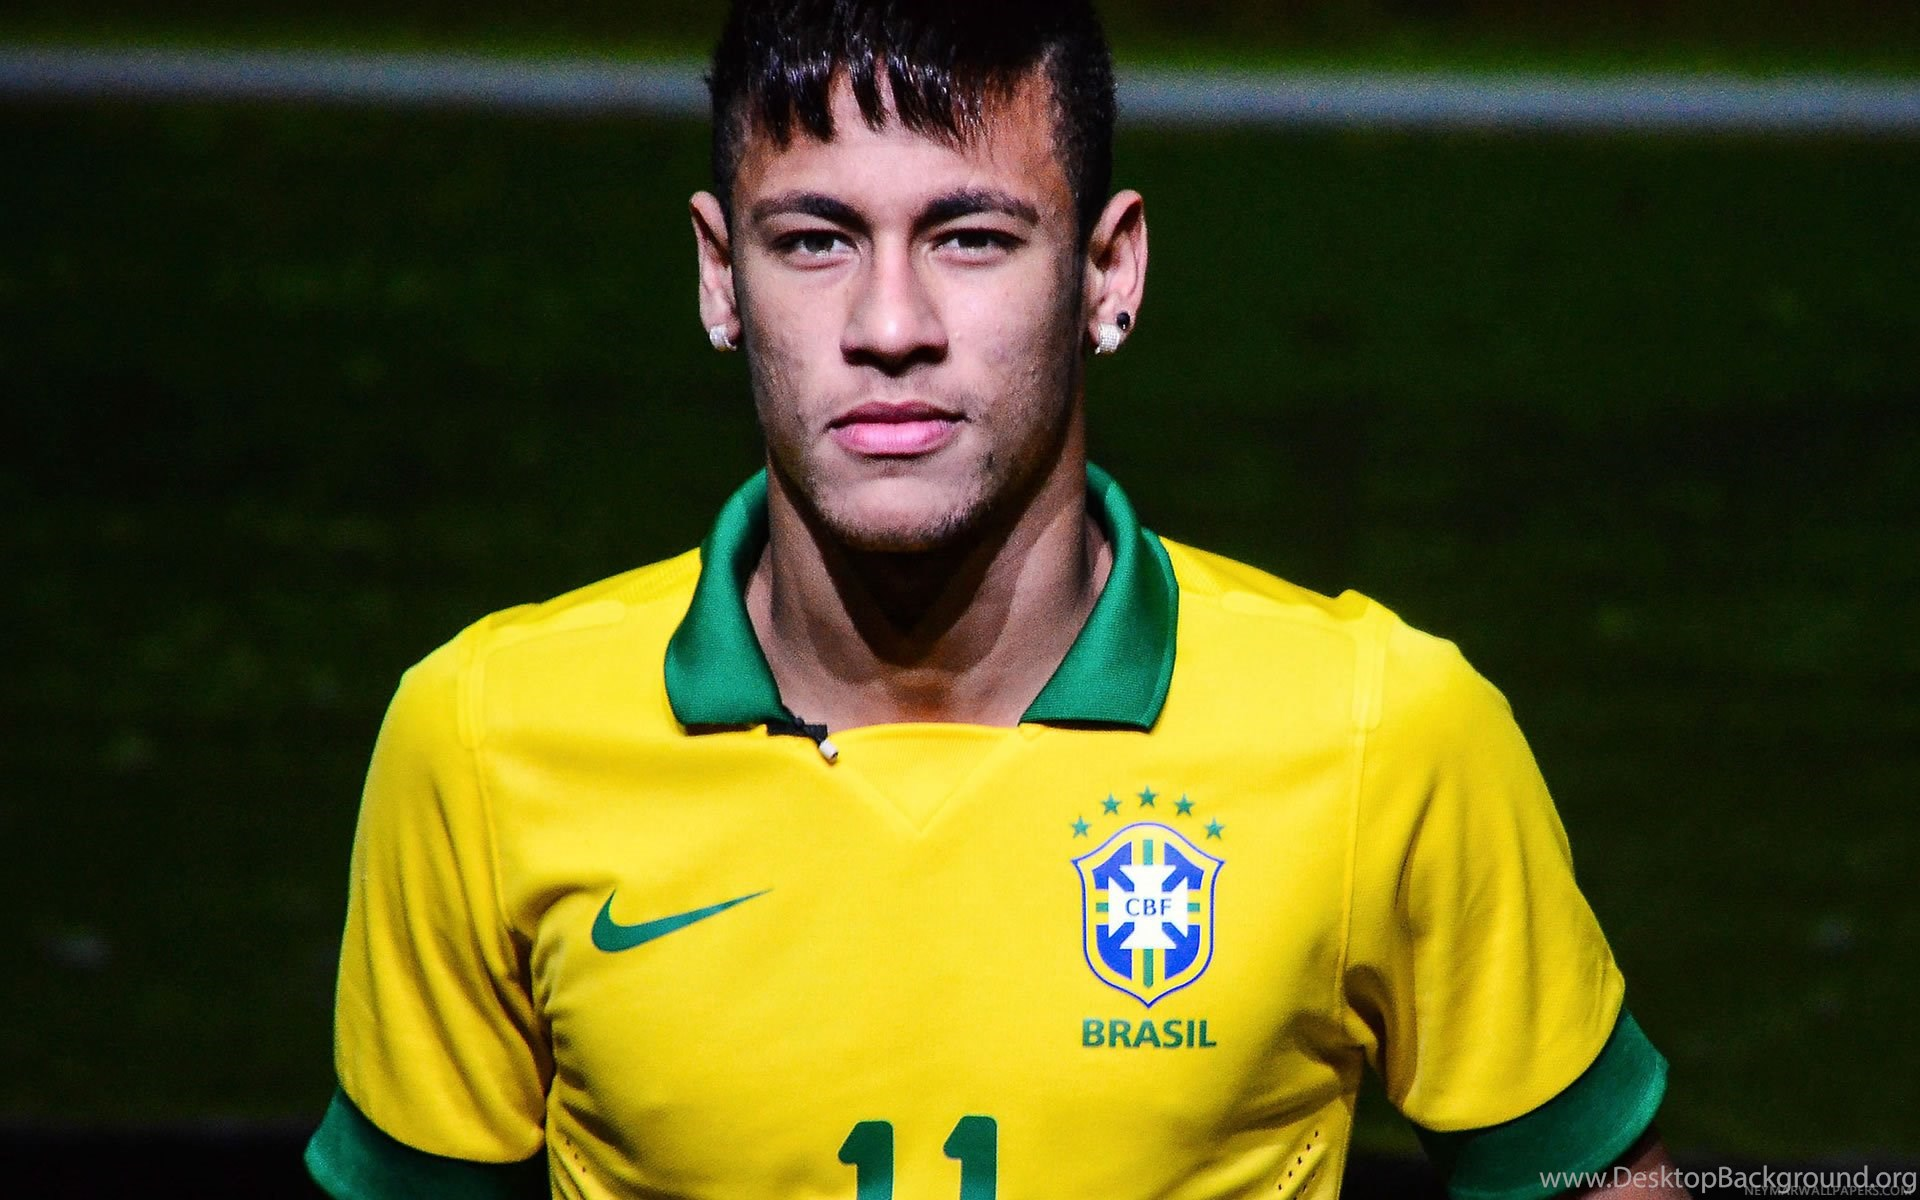 Neymar Brazil HD Wallpapers Football Backgrounds Desktop Background